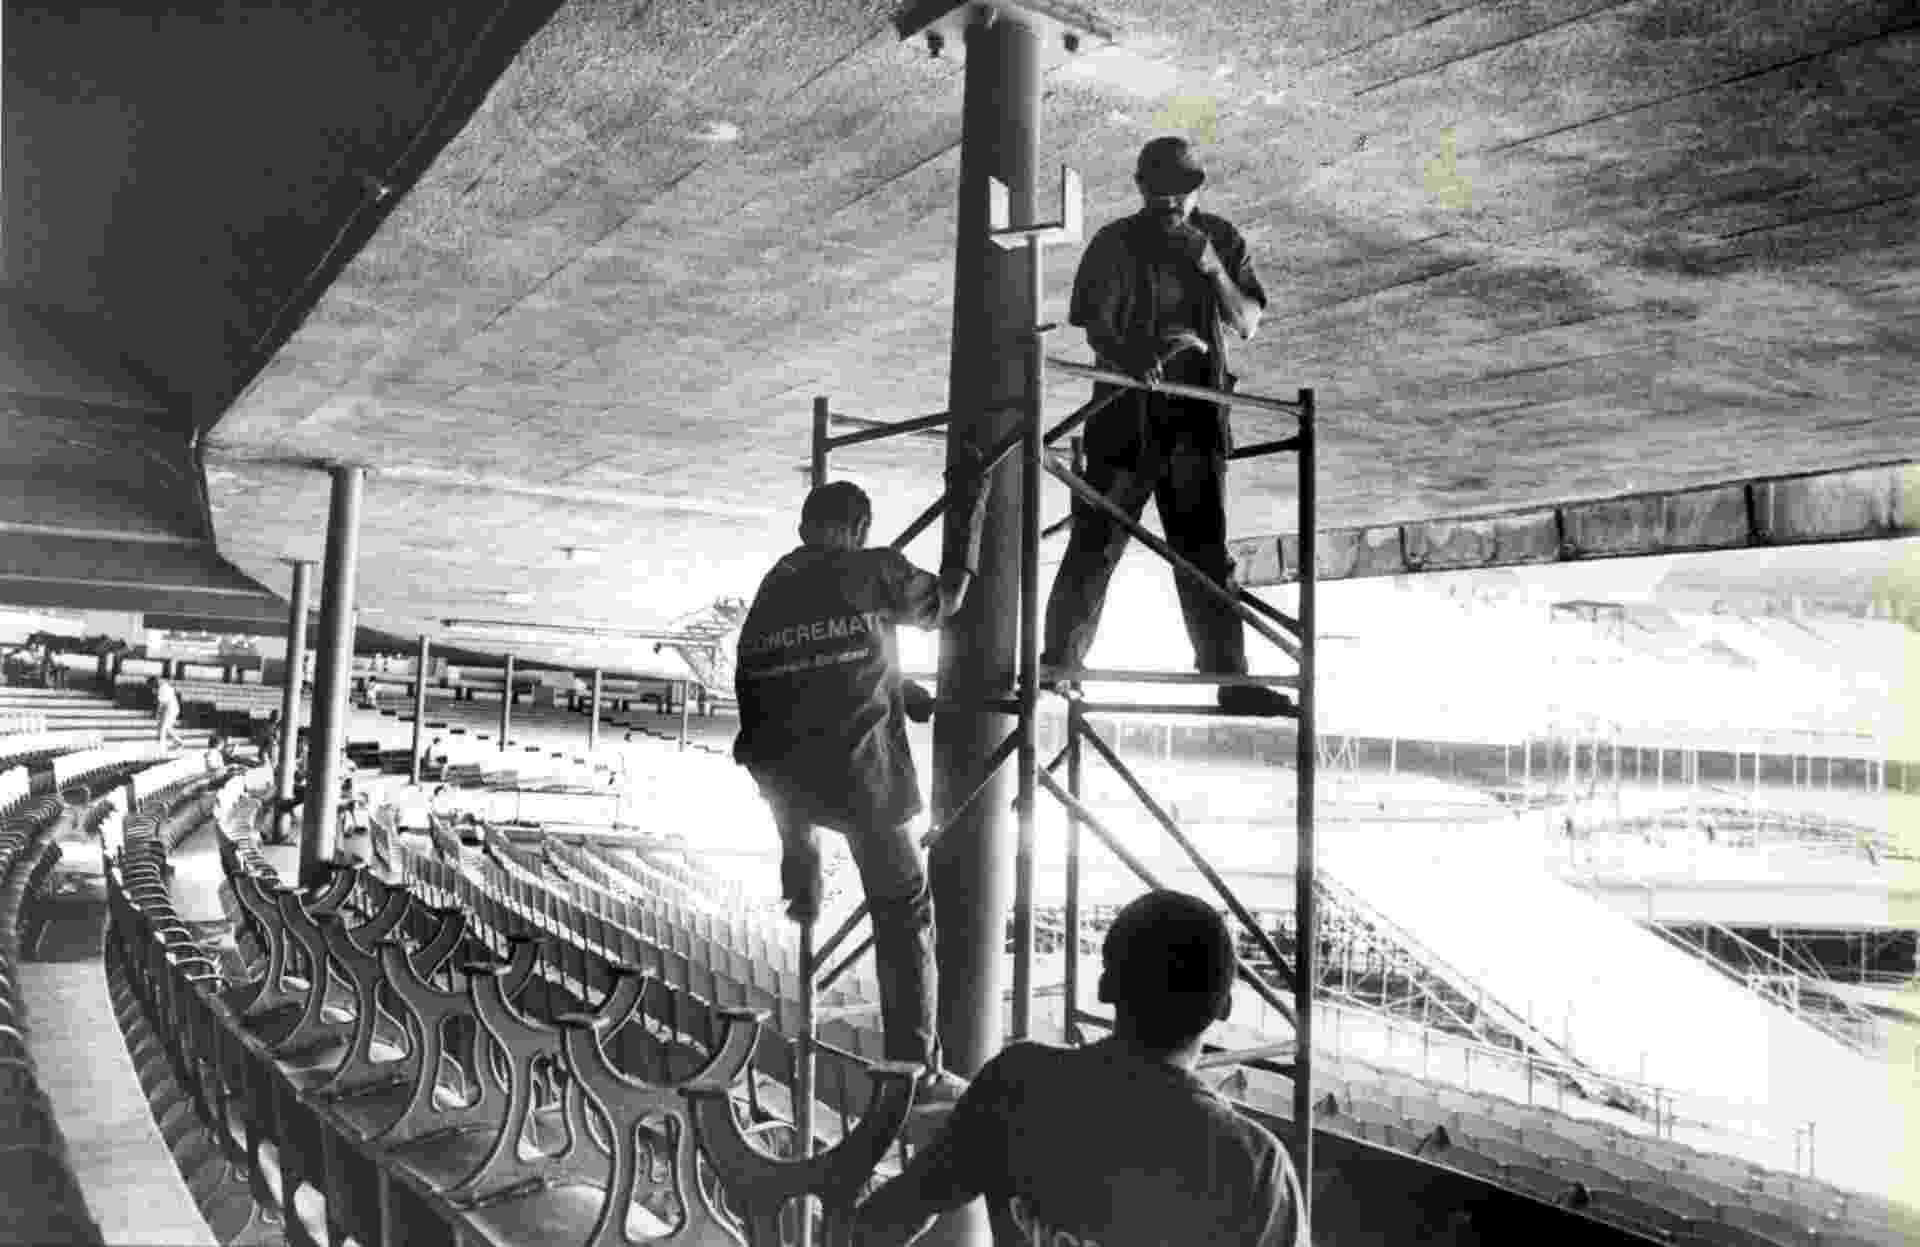 Funcionários trabalham na arquibancada montada para o segundo Rock In Rio, no Maracanã - Fernando Rabelo/Folhapress